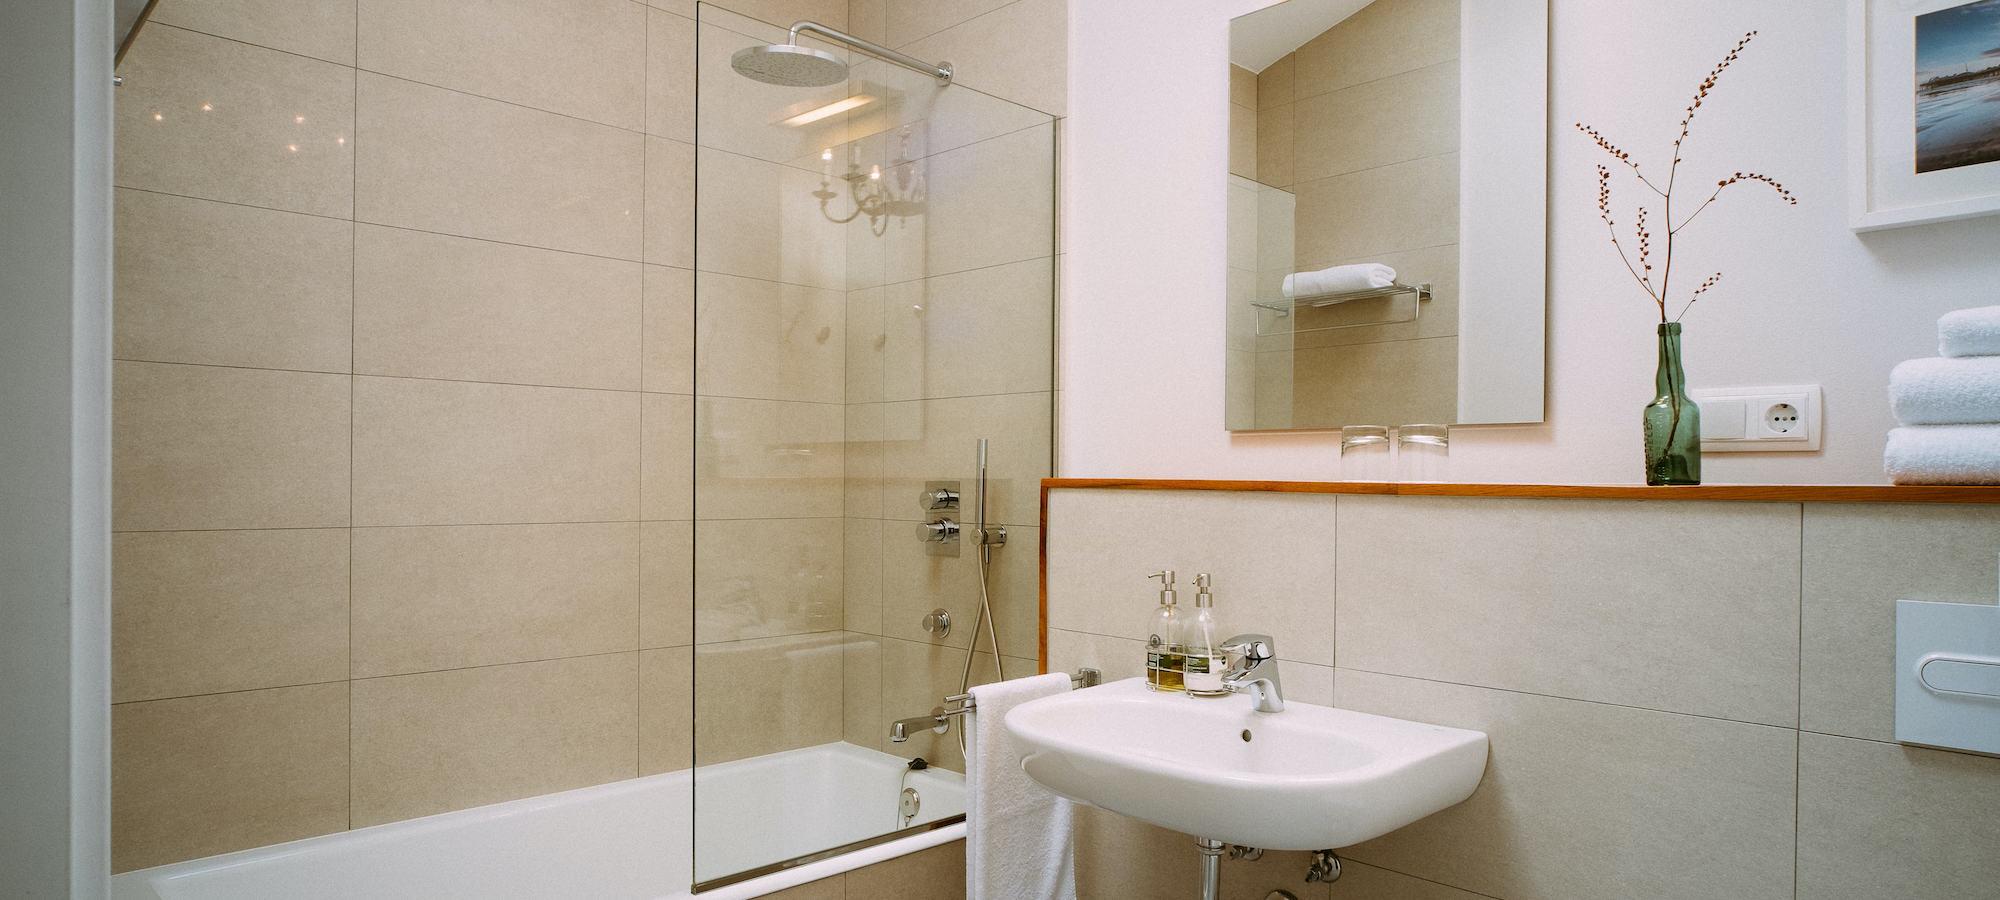 el gran sueño jardin bedroom bathroom